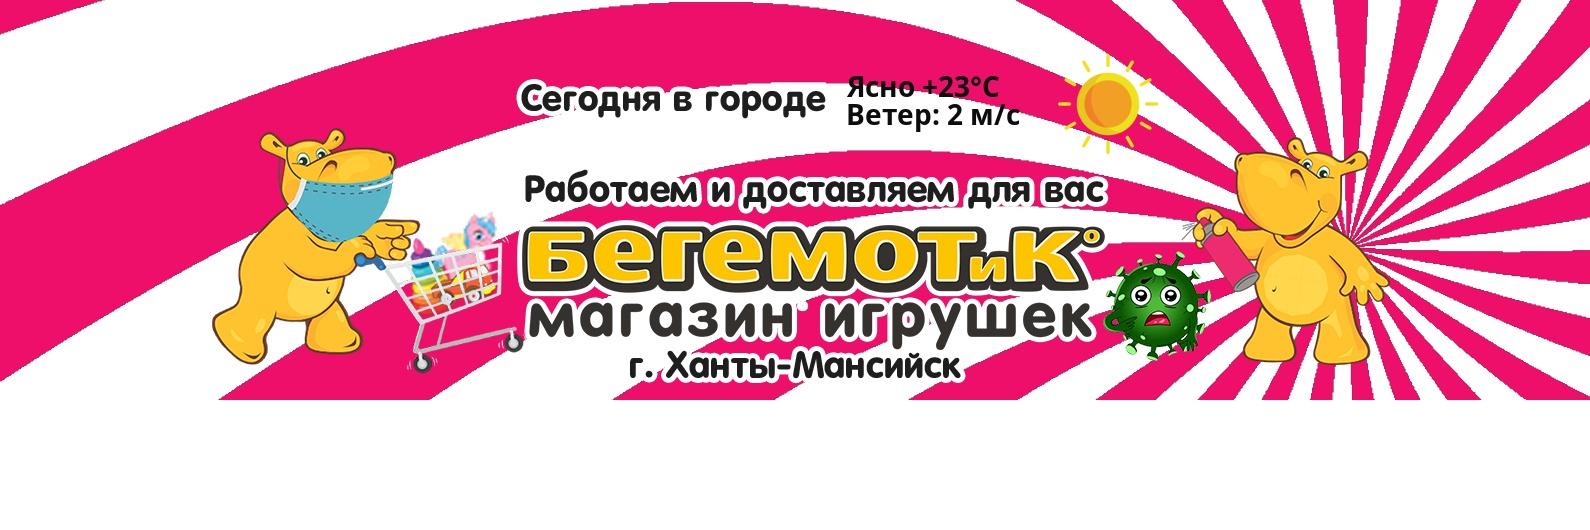 Зоомагазины в Ханты-Мансийске